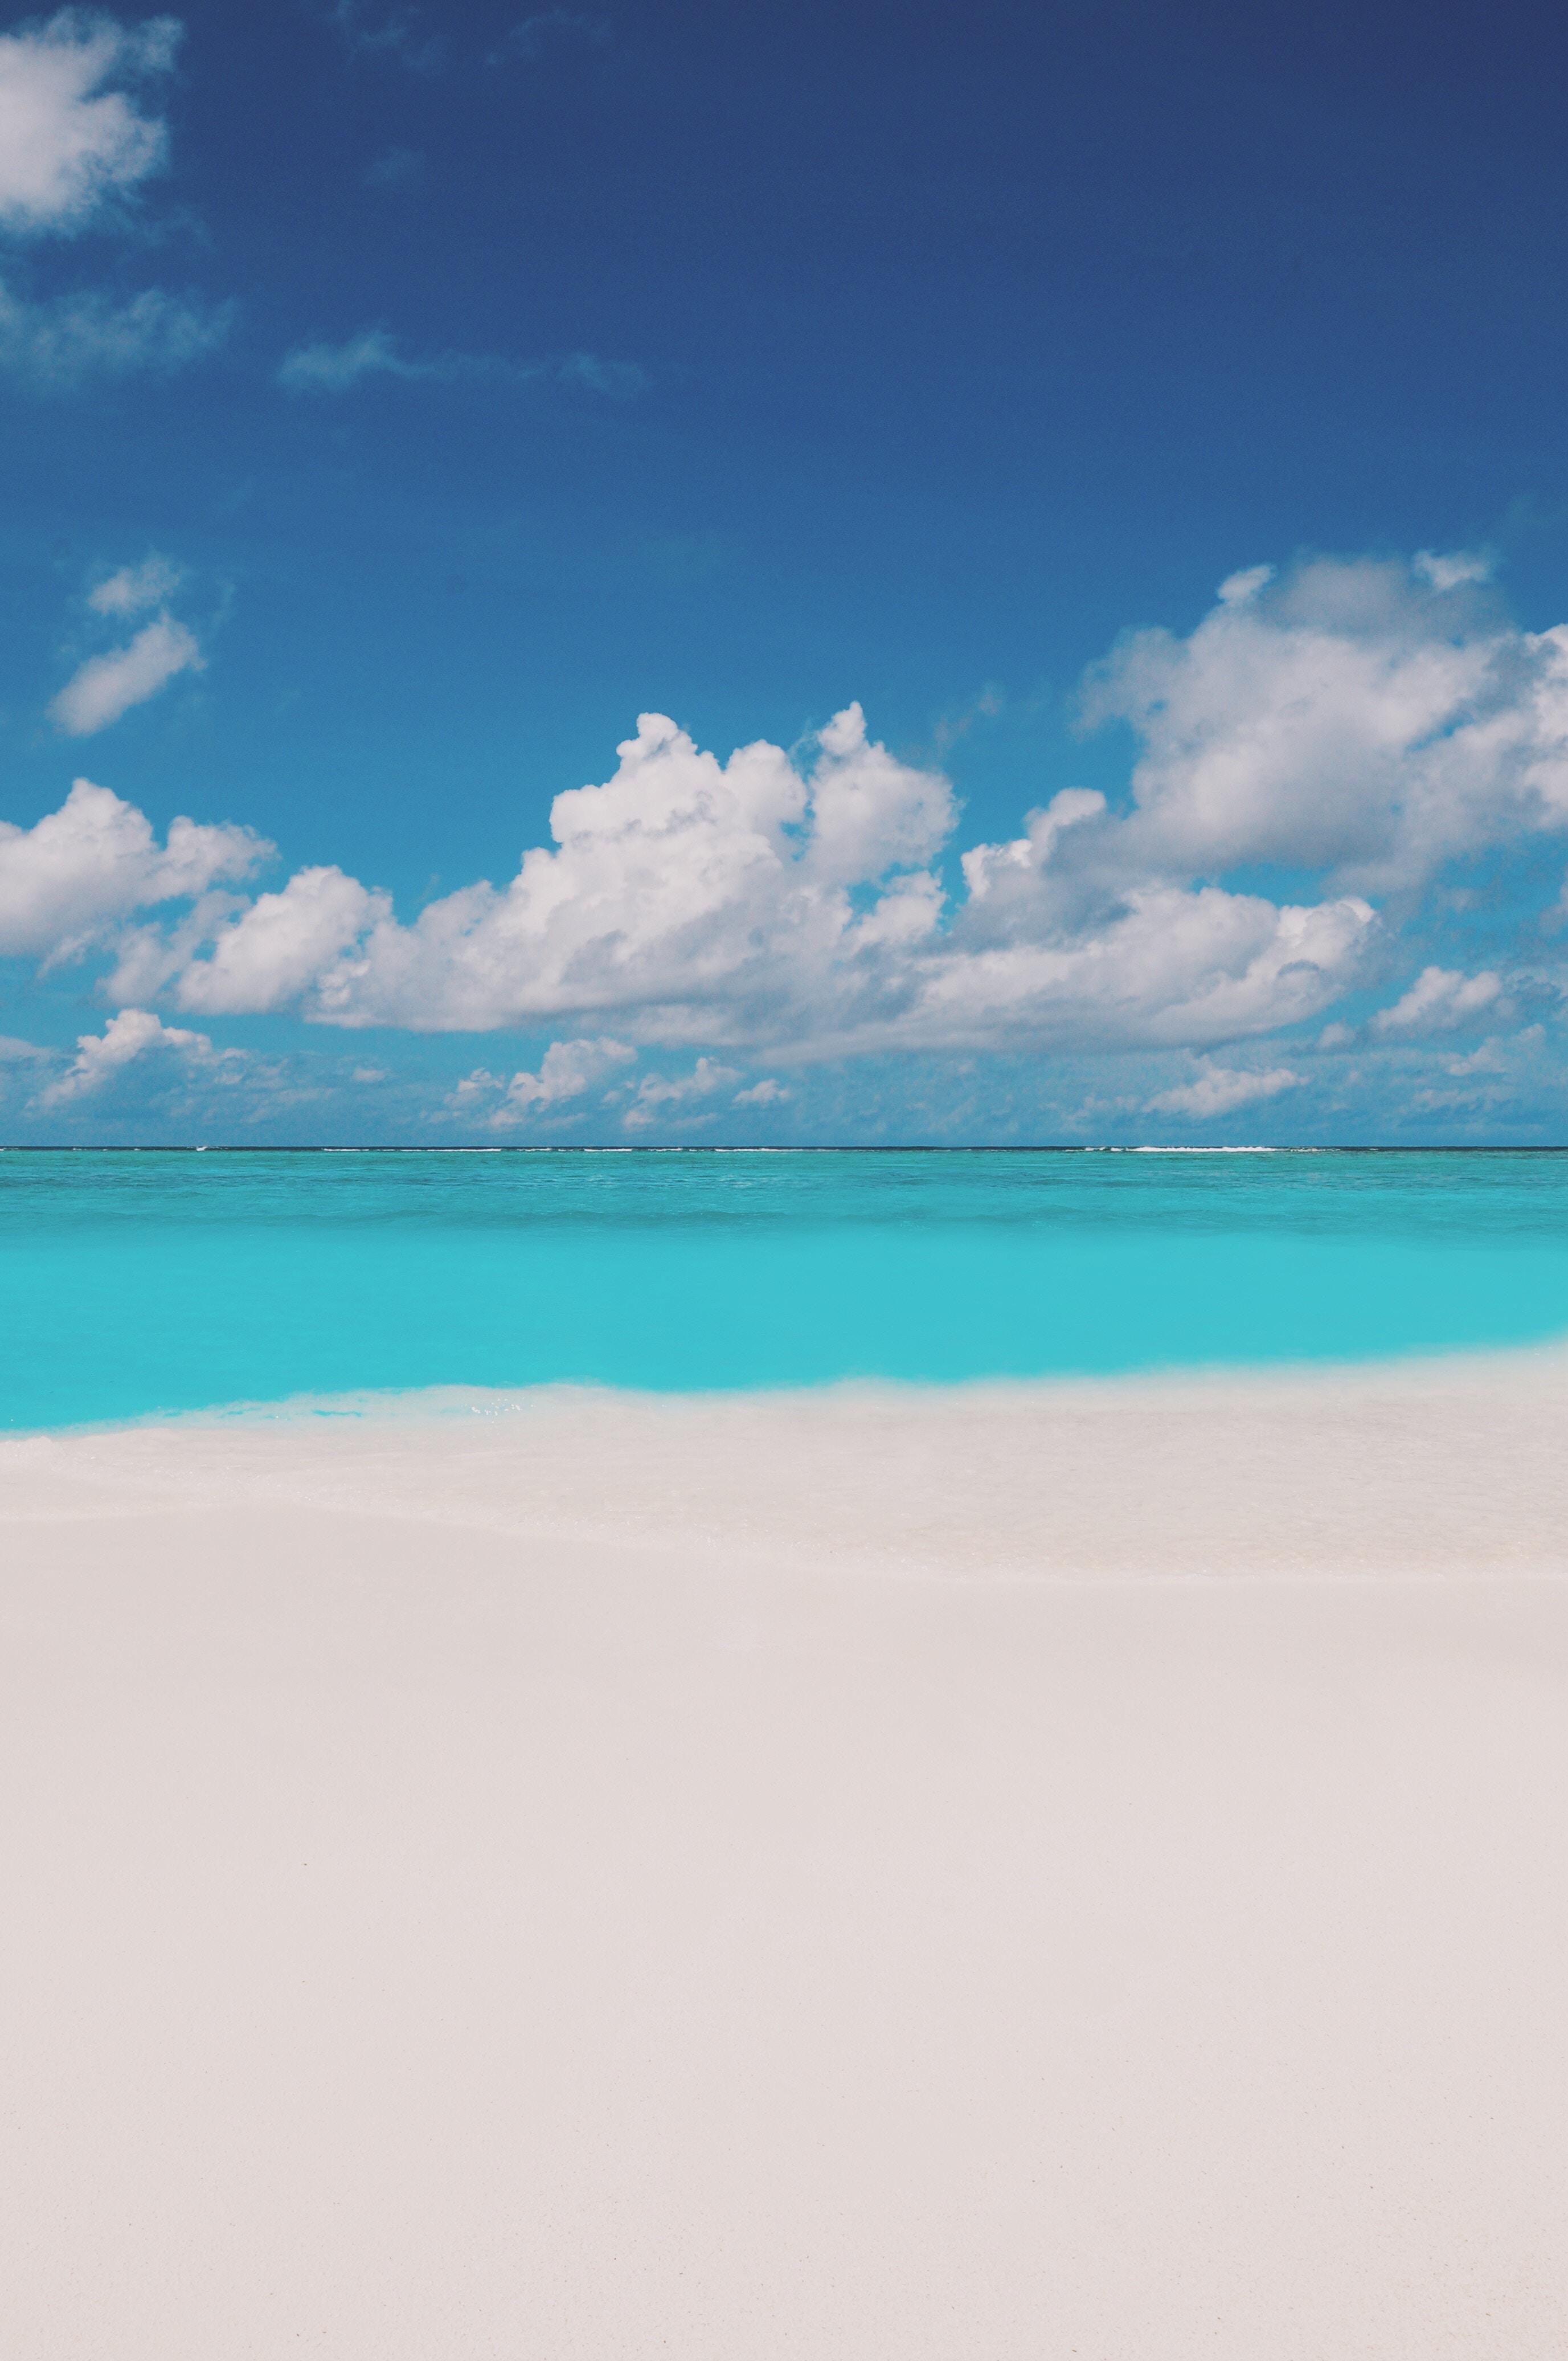 153287 Hintergrundbild herunterladen Wasser, Natur, Horizont, Küste, Ozean, Malediven - Bildschirmschoner und Bilder kostenlos